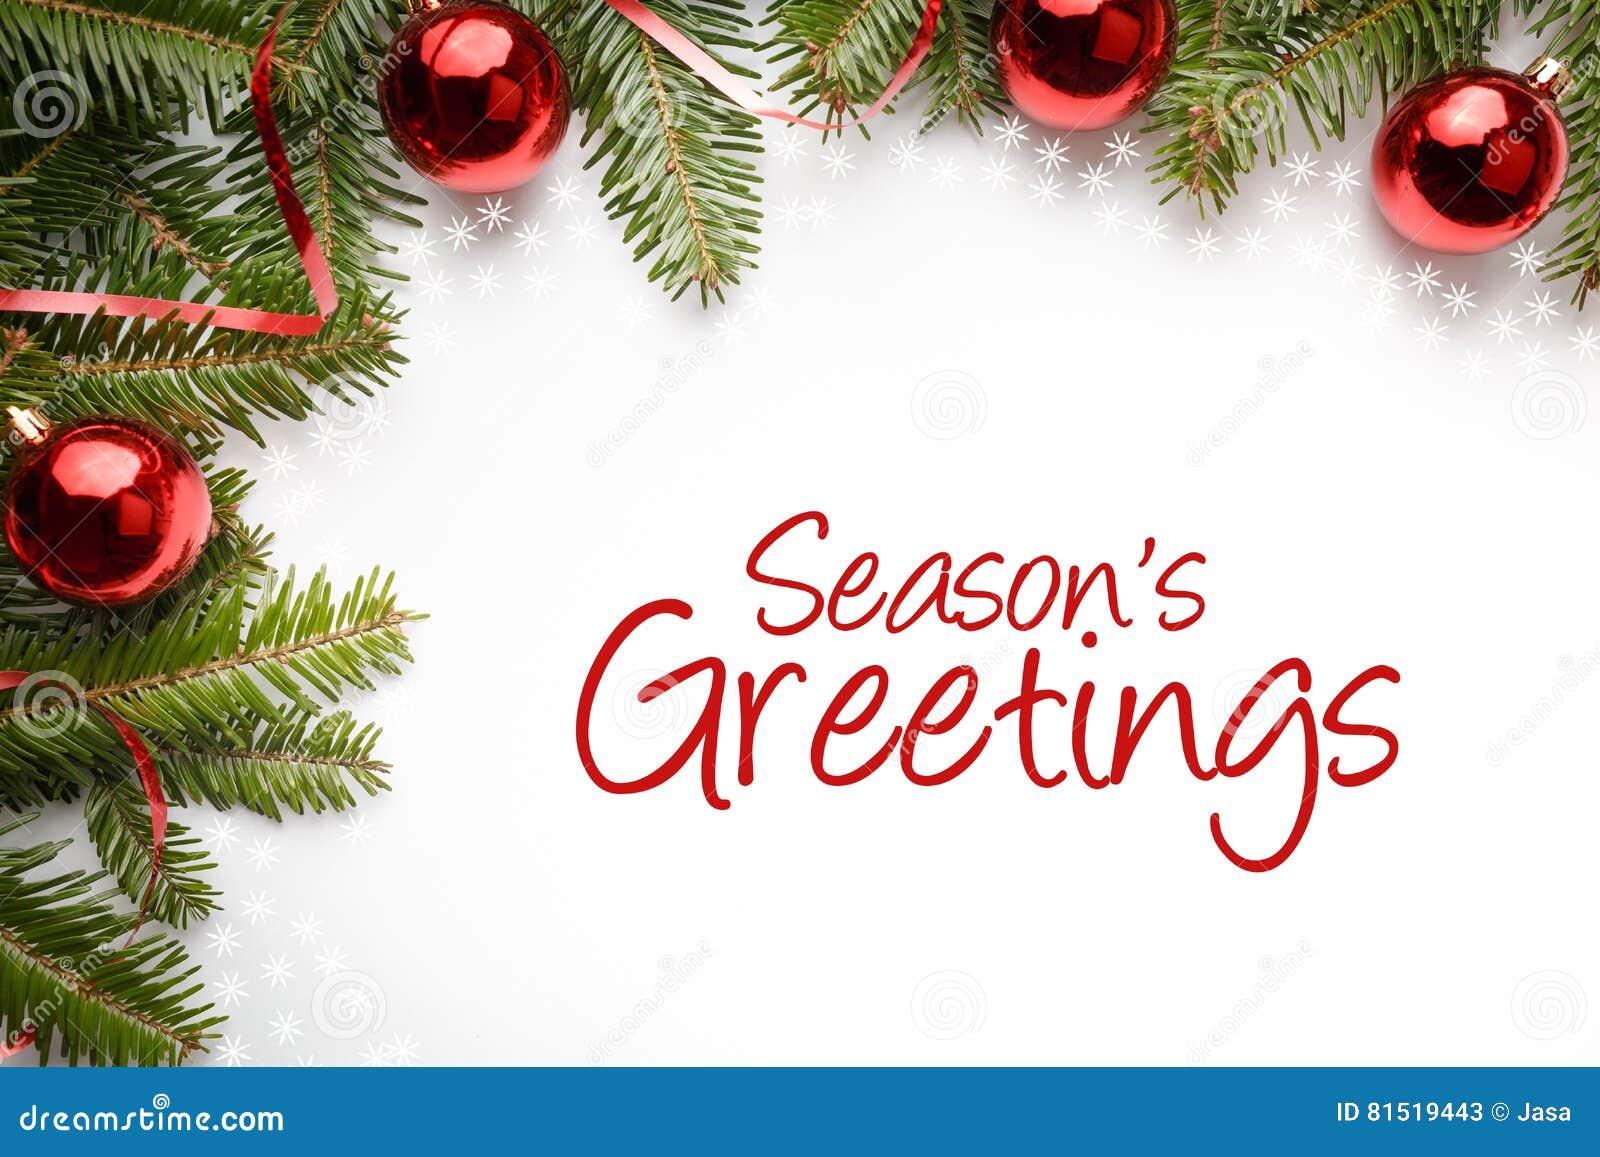 Weihnachtsdekorationen mit dem Gruß ` würzen ` s Grüße `